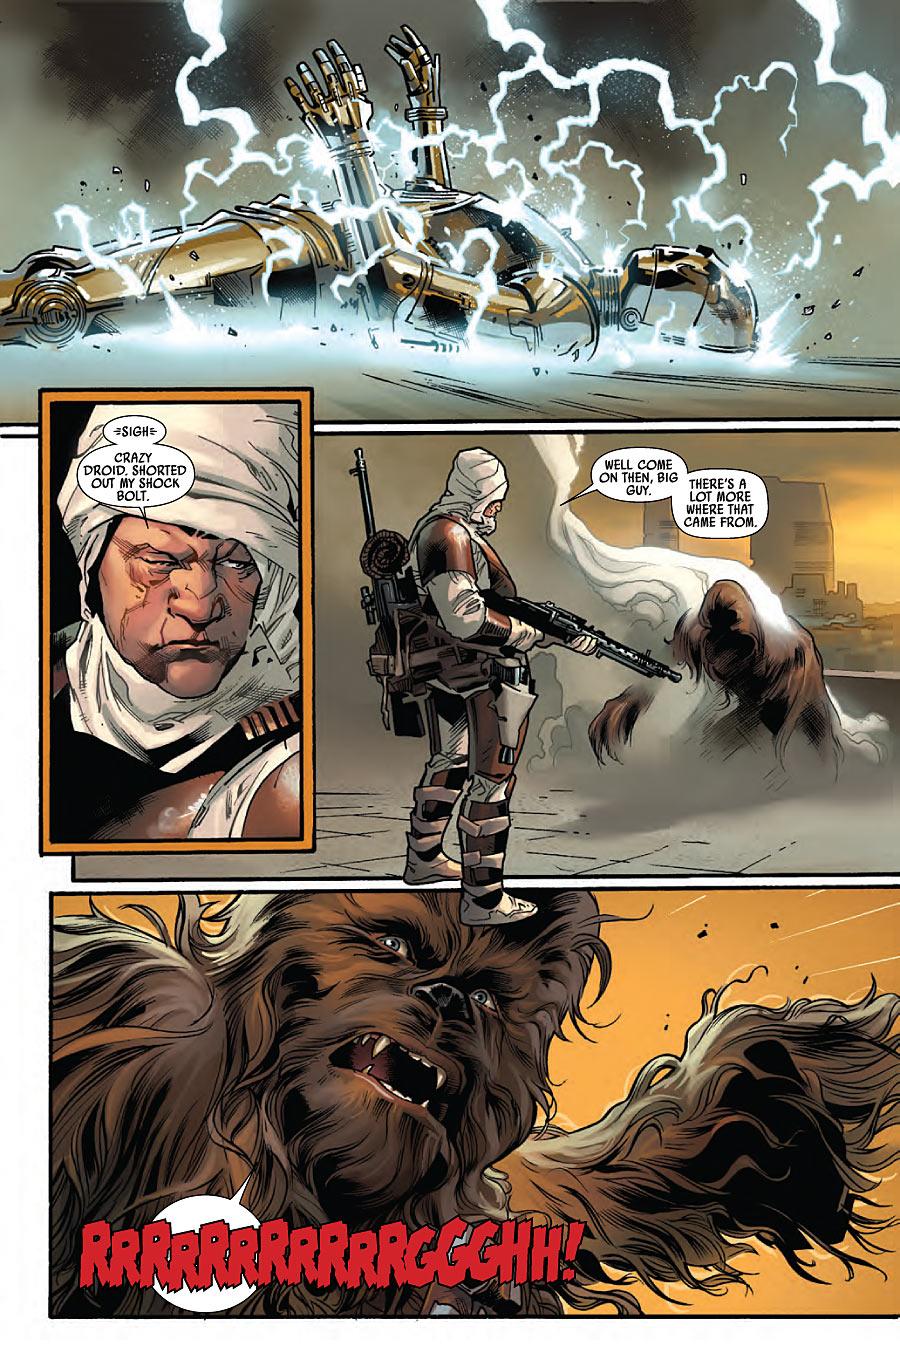 Star Wars 11 Dengar vs Chewie